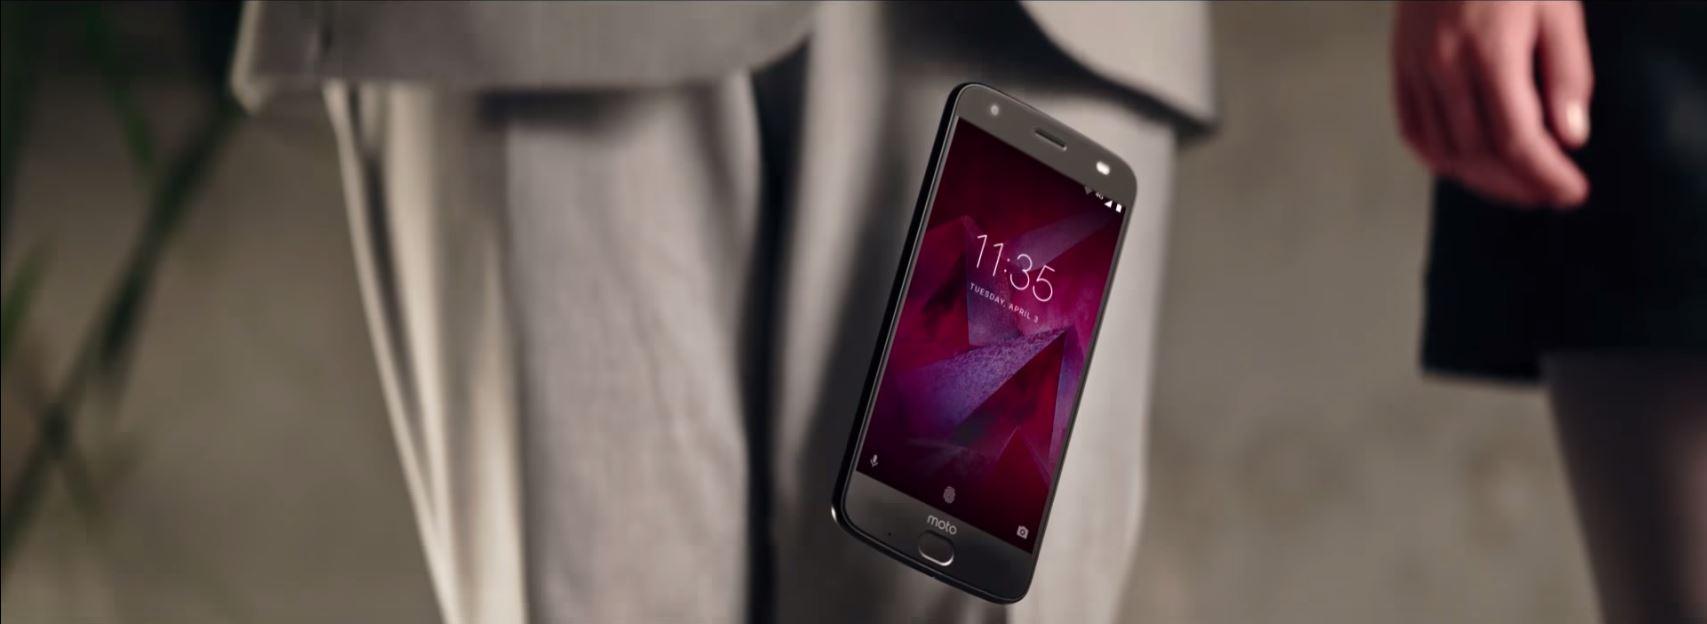 تماشا کنید: ویدیوهای رسمی Moto Z2 Force؛ تمام ویژگیهای خاص در یک گوشی هوشمند!